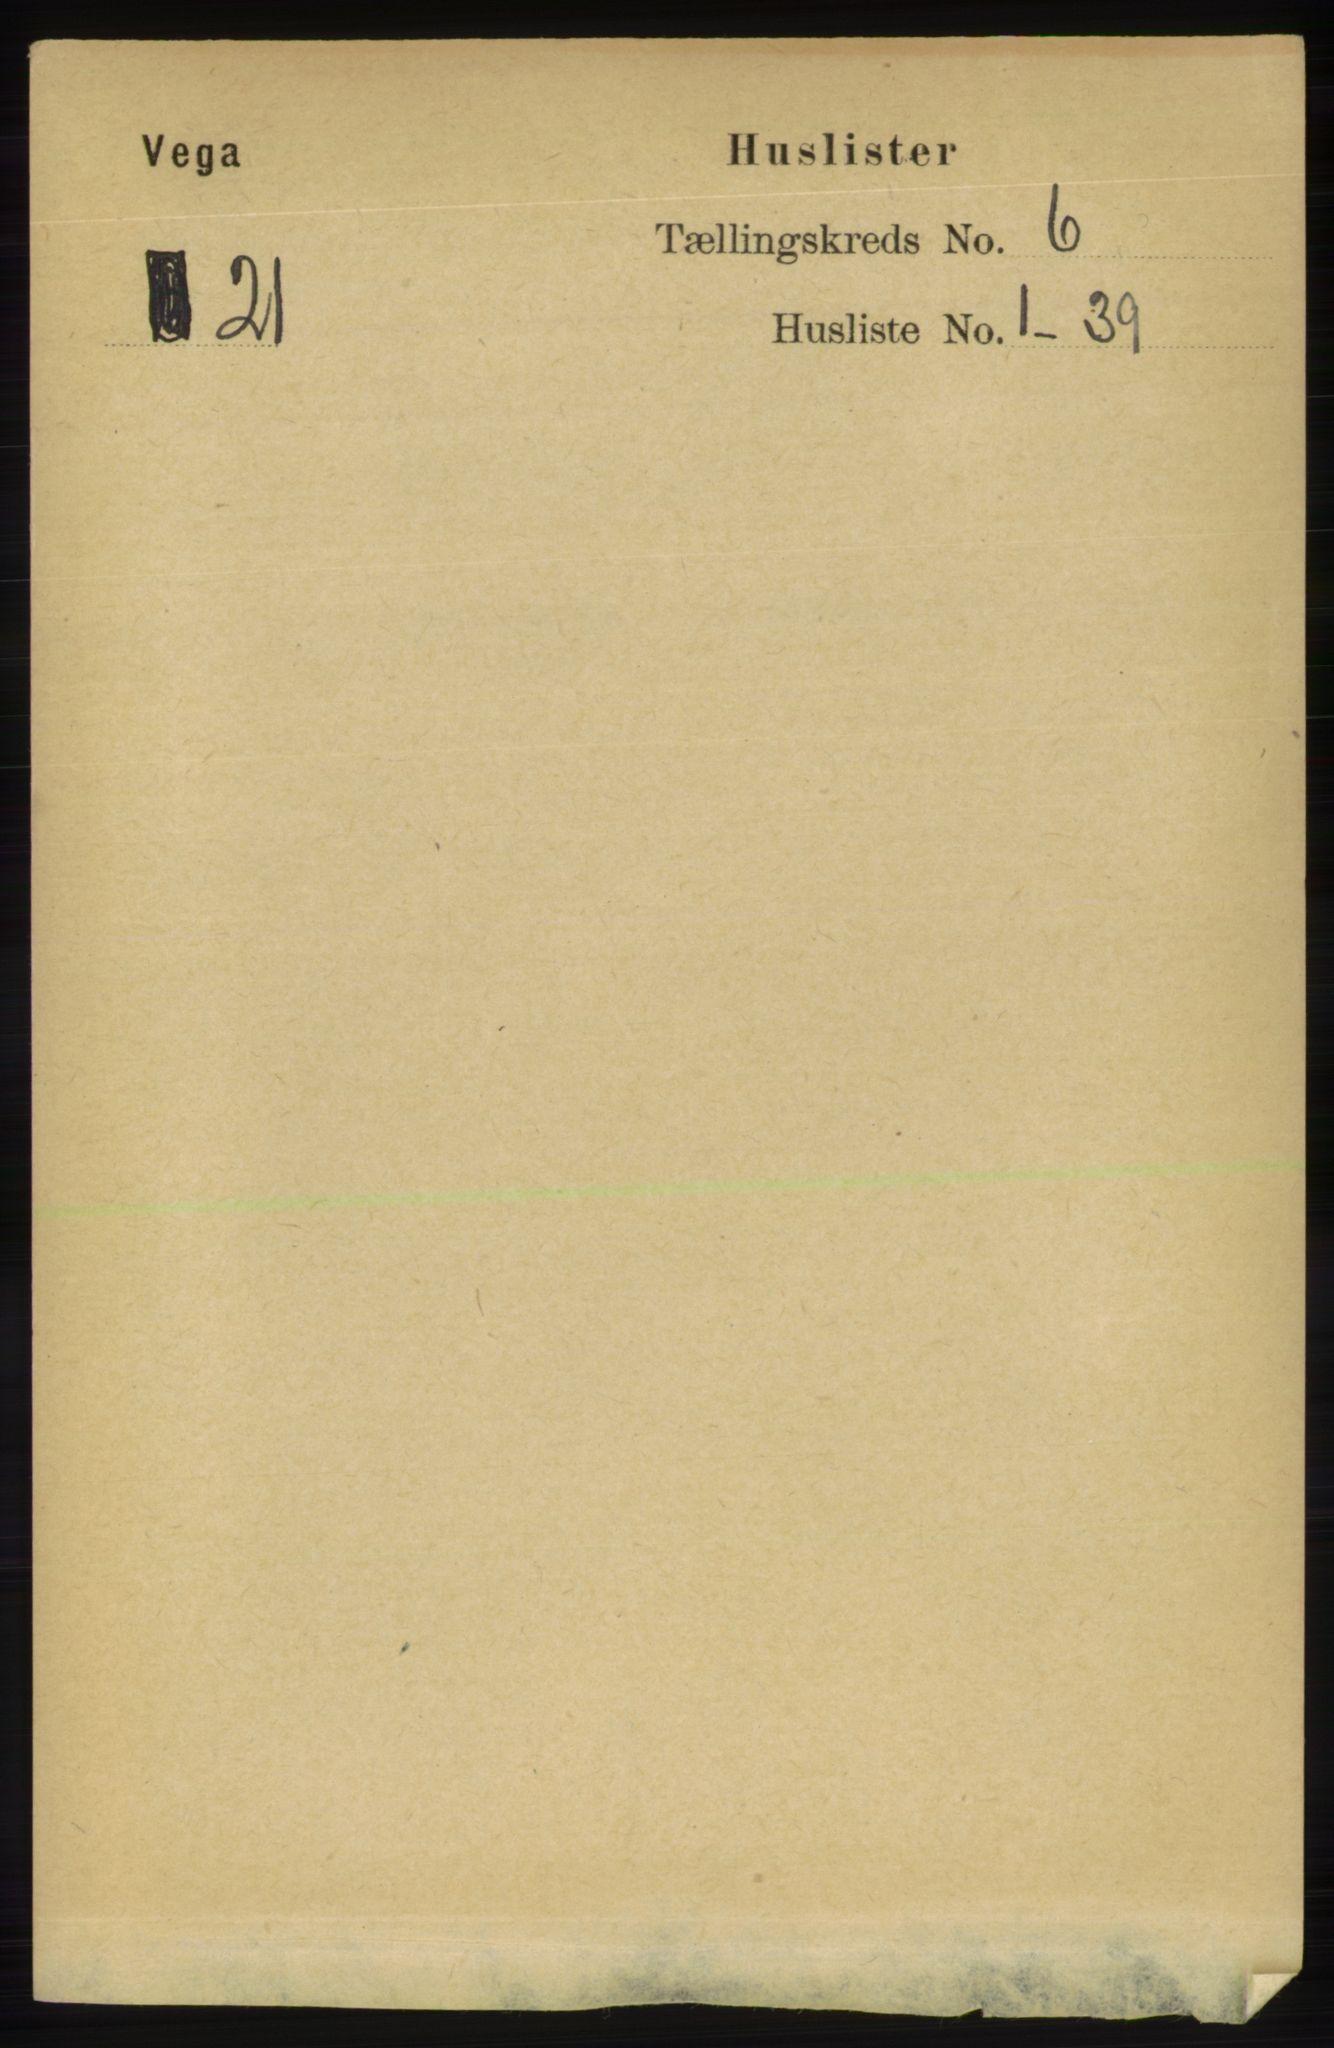 RA, Folketelling 1891 for 1815 Vega herred, 1891, s. 2523